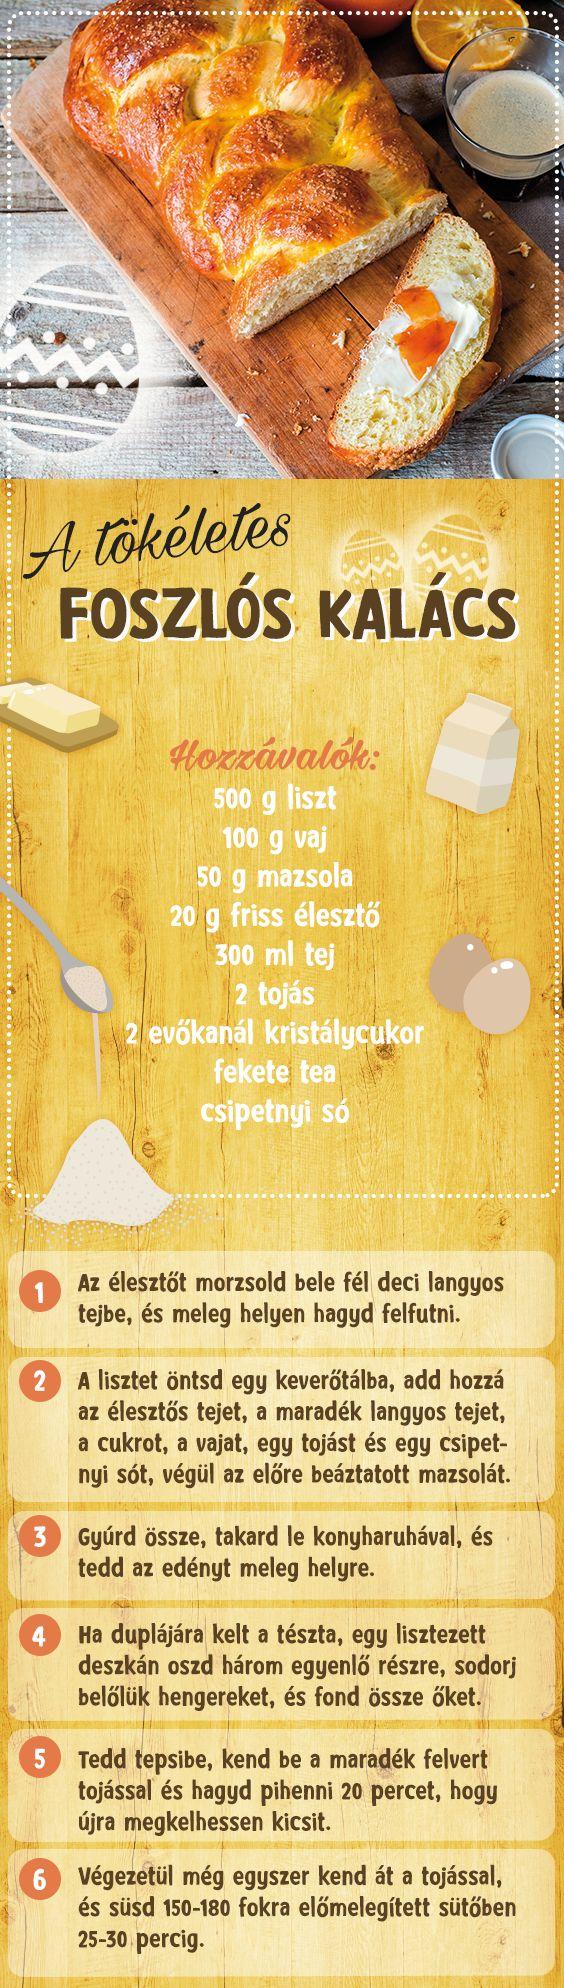 A tökéletes kalács receptjét keresed? Ne menj tovább! #Tesco #TescoHúsvét #Húsvét #husvet #tescomagyarorszag #kalacs